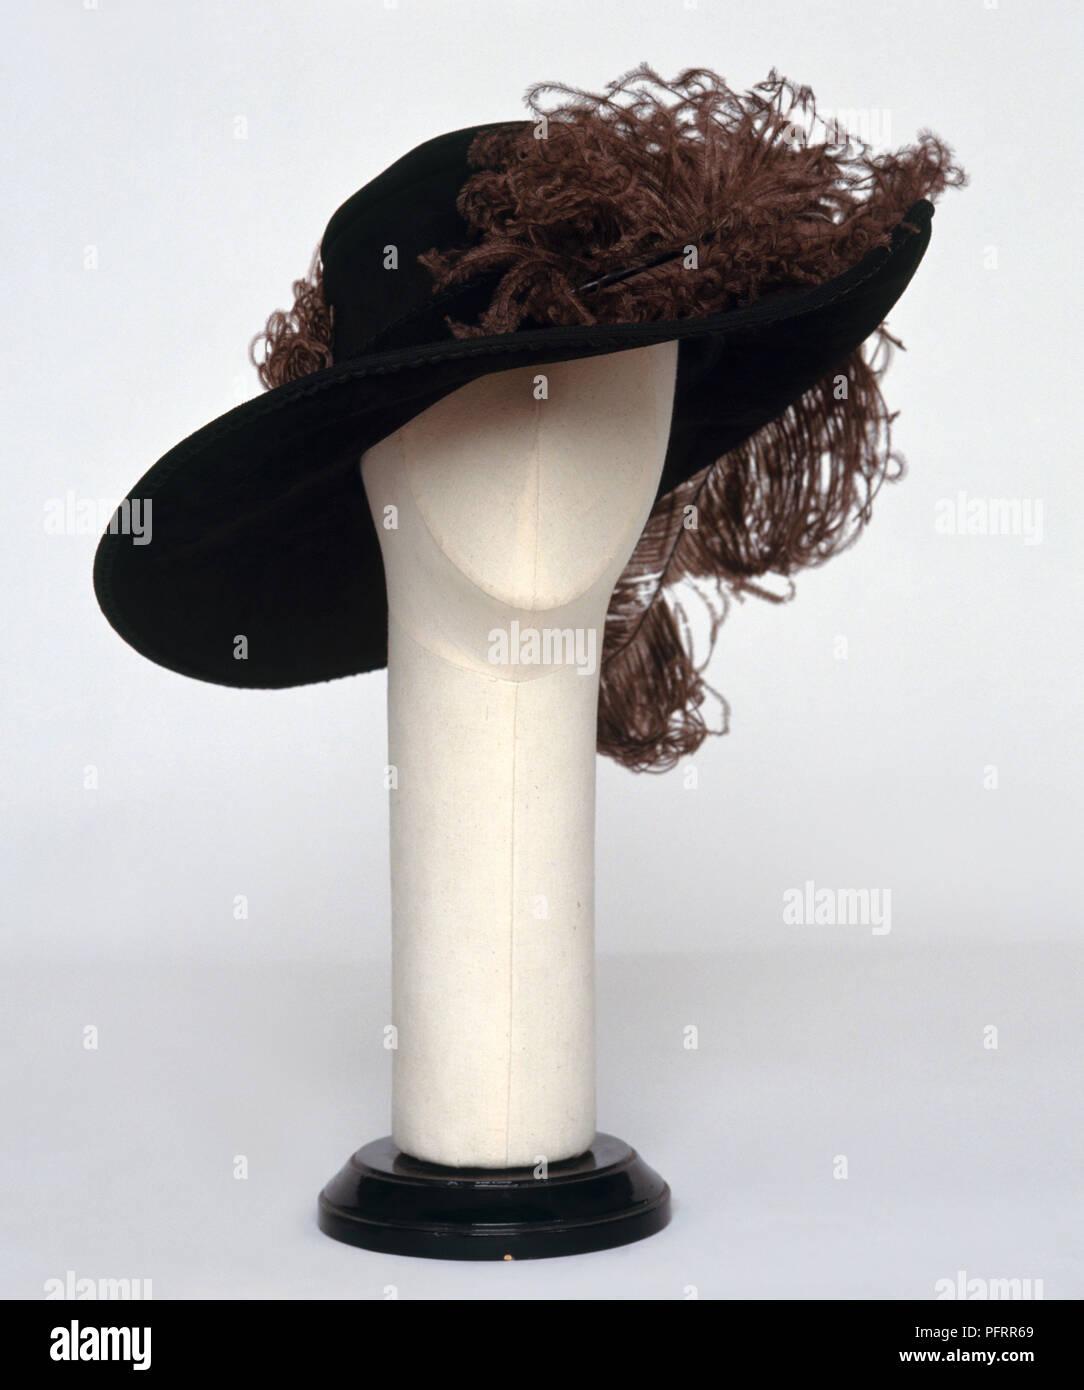 Brown plumas en Old Fashioned mujer con sombrero de ala grande en maniqui  Imagen De Stock f5ebc8b74596